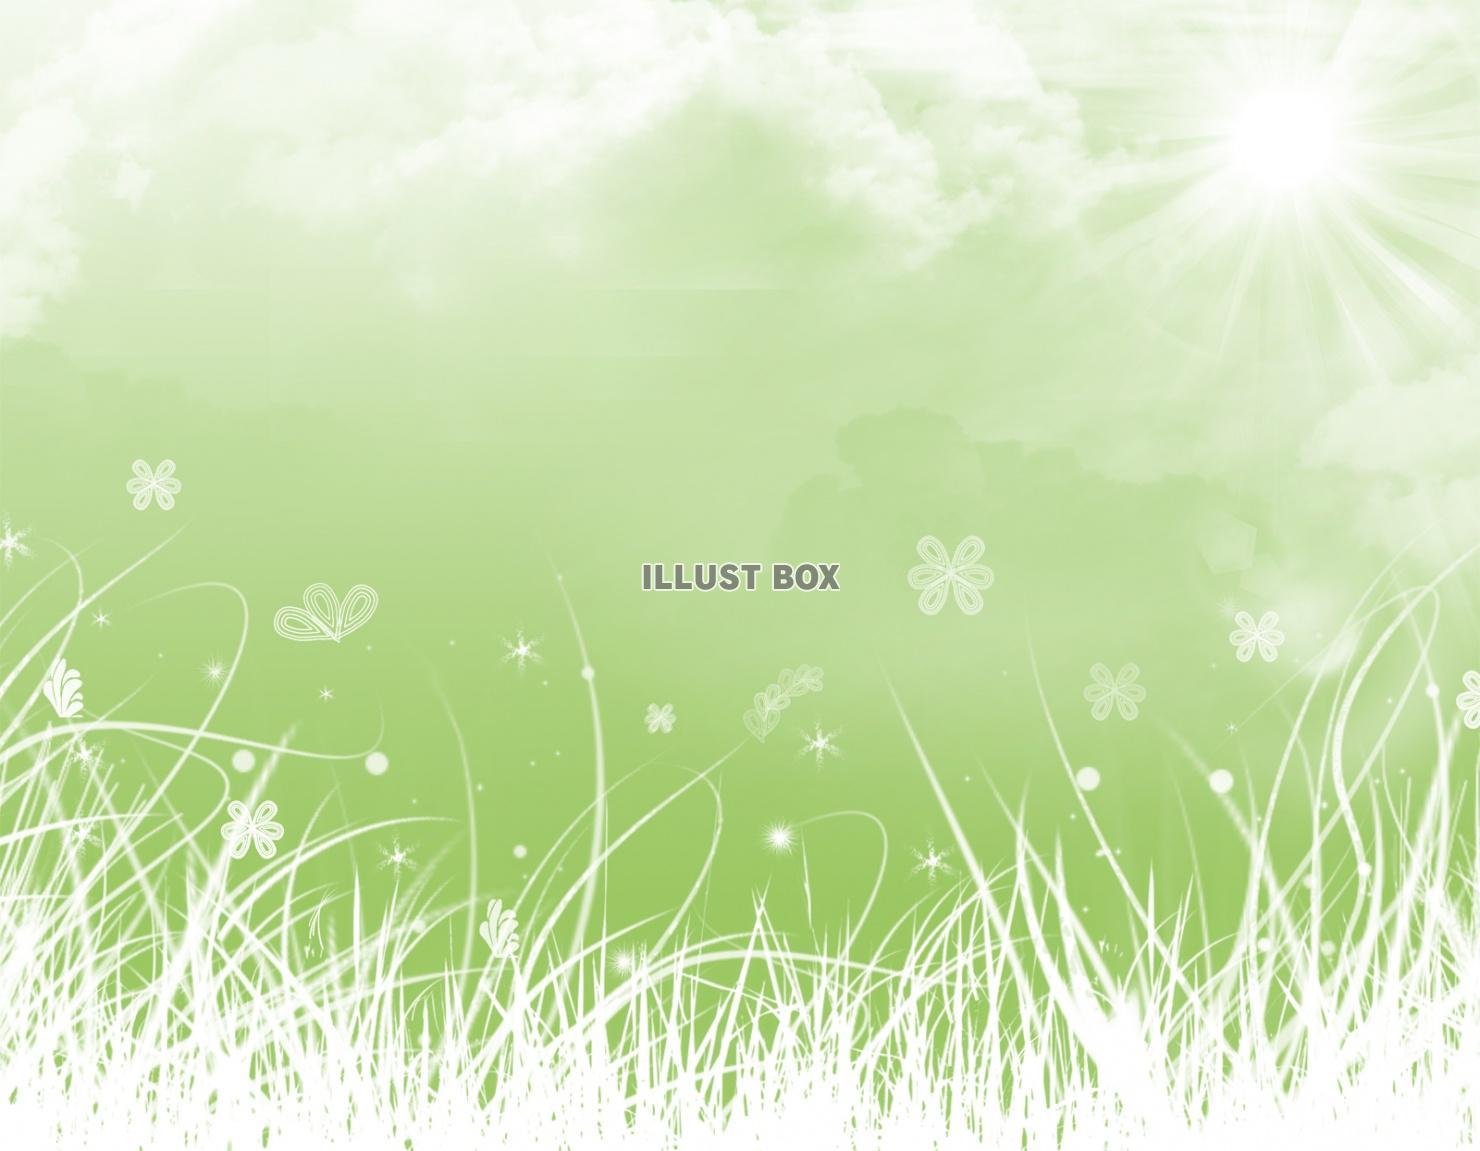 無料イラスト おしゃれフレーム枠背景壁紙シルエットかわいい 緑空太陽